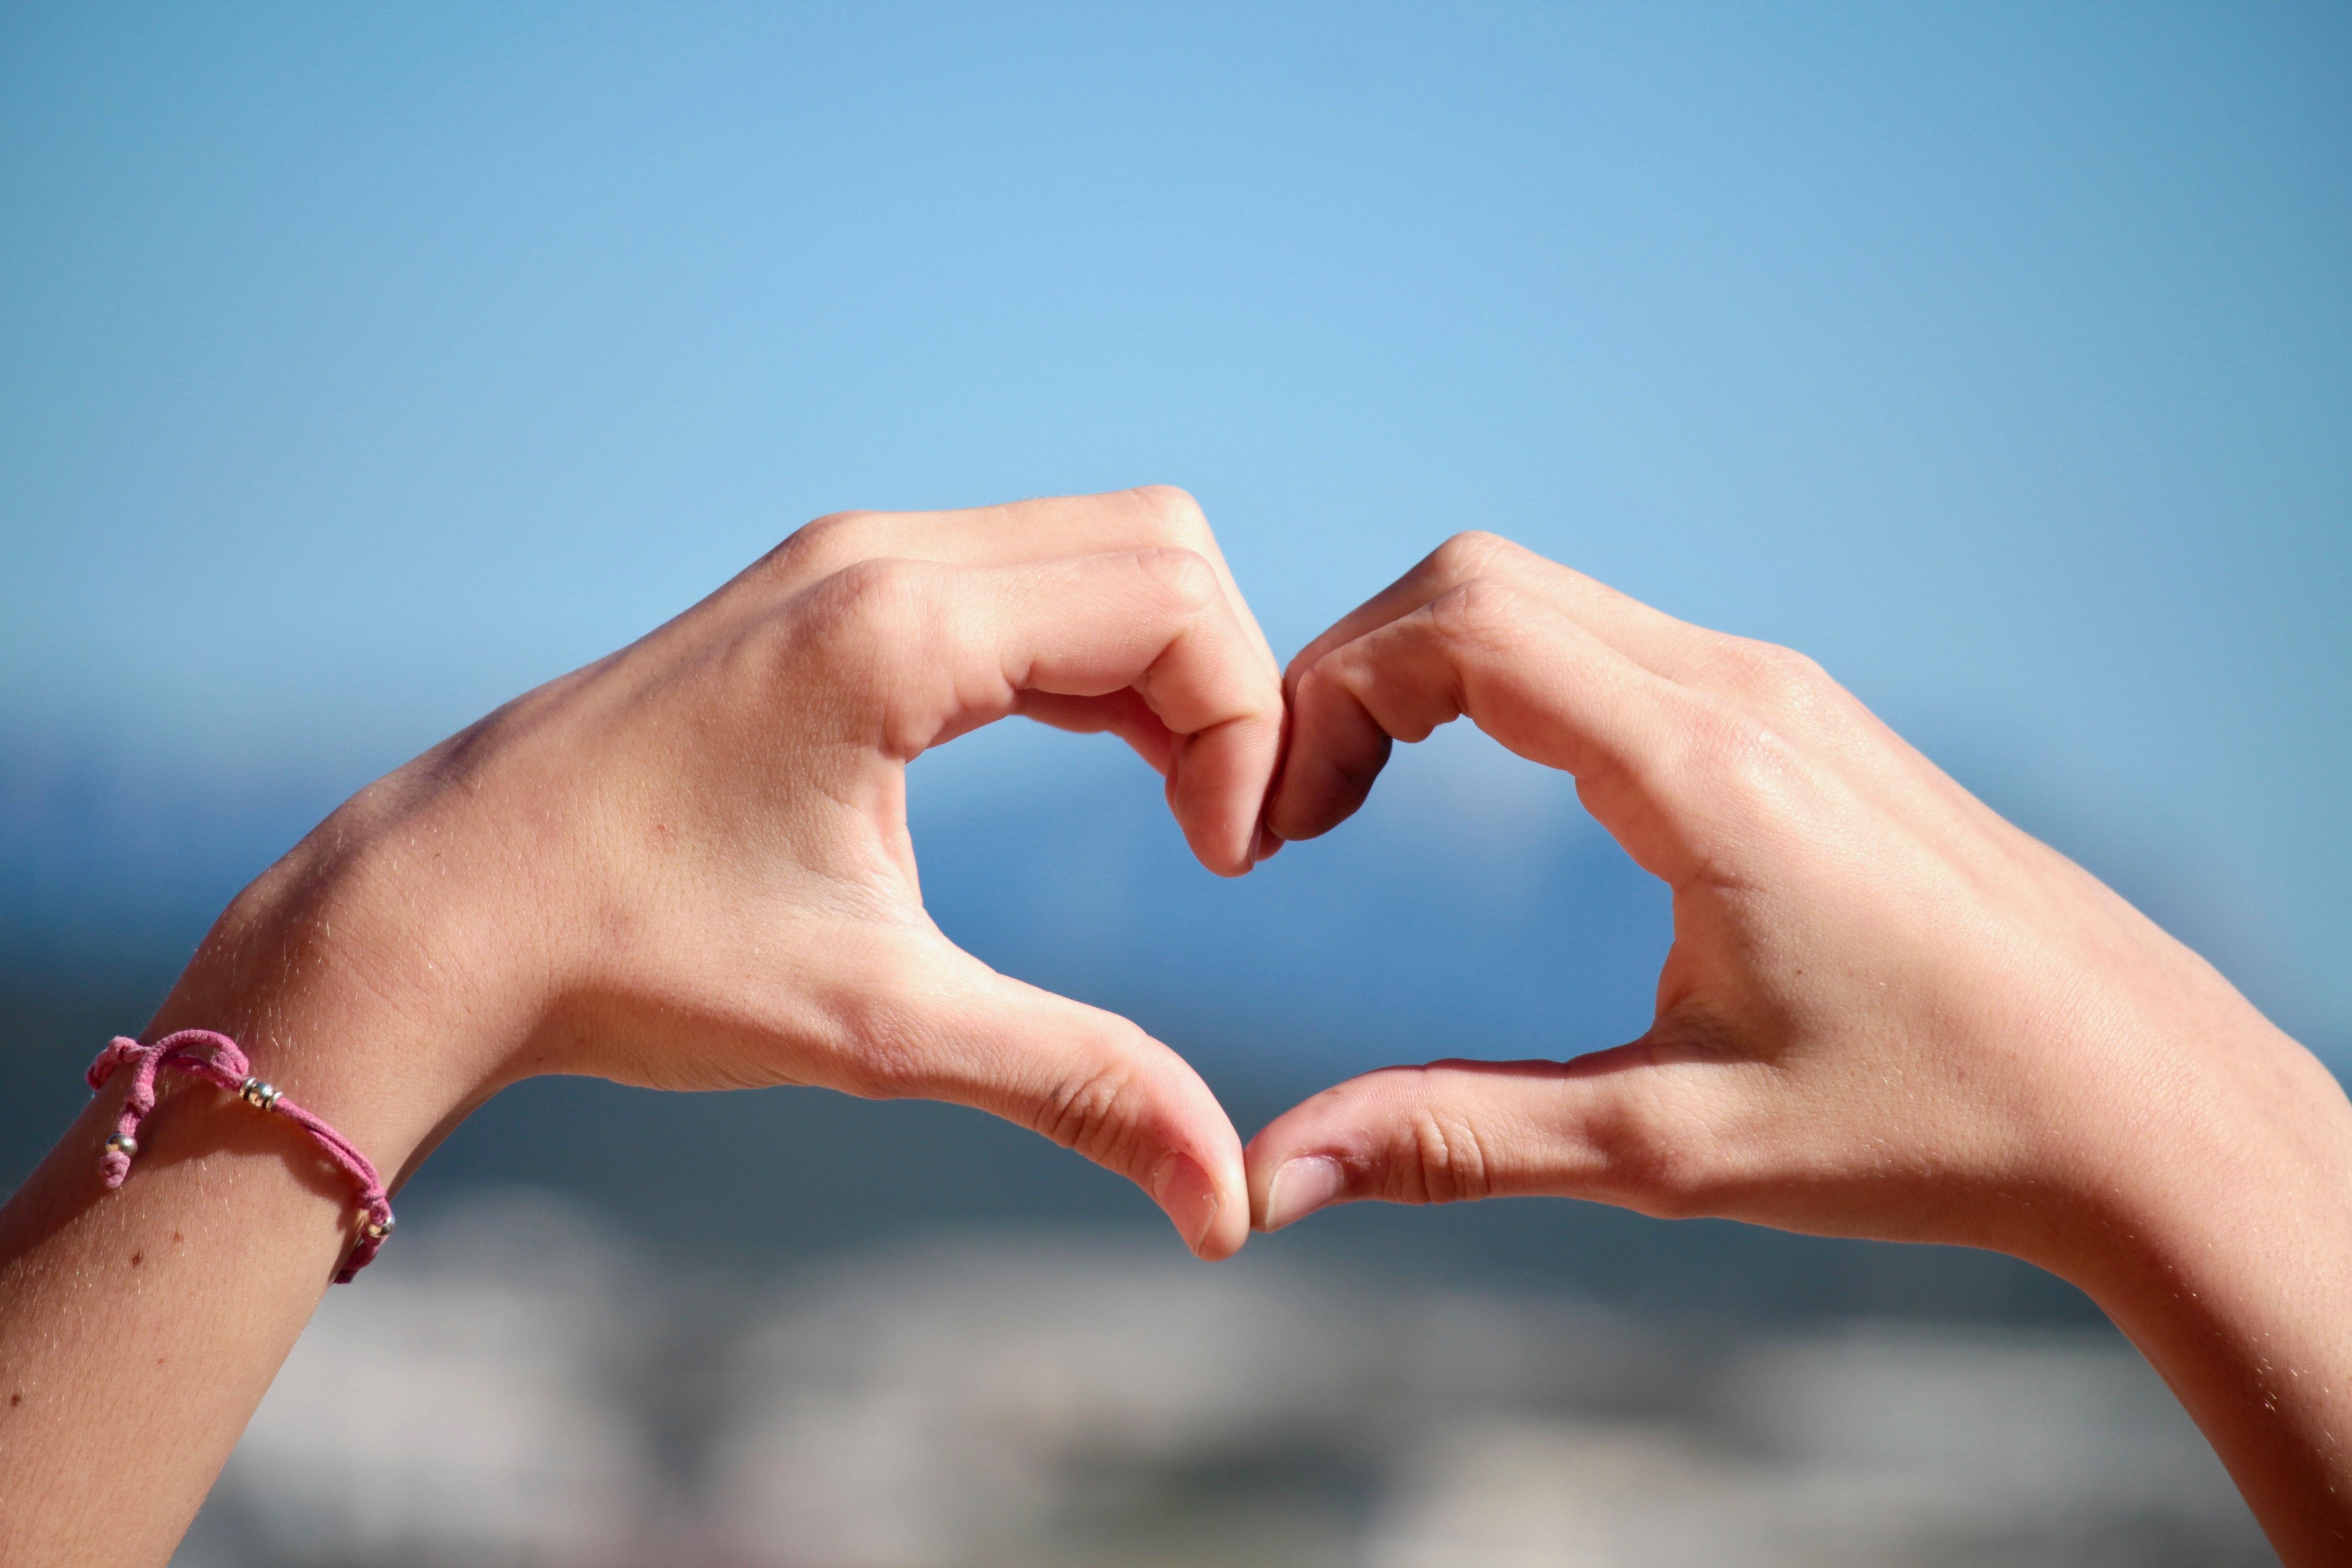 hình ảnh : yêu, ngón tay, Lãng mạn, cánh tay, cơ bắp, nắm tay, cơ thể con người, Tay, Trái tim, niềm đam mê, tinh thần đoàn kết, đàn organ, Cảm xúc, ...